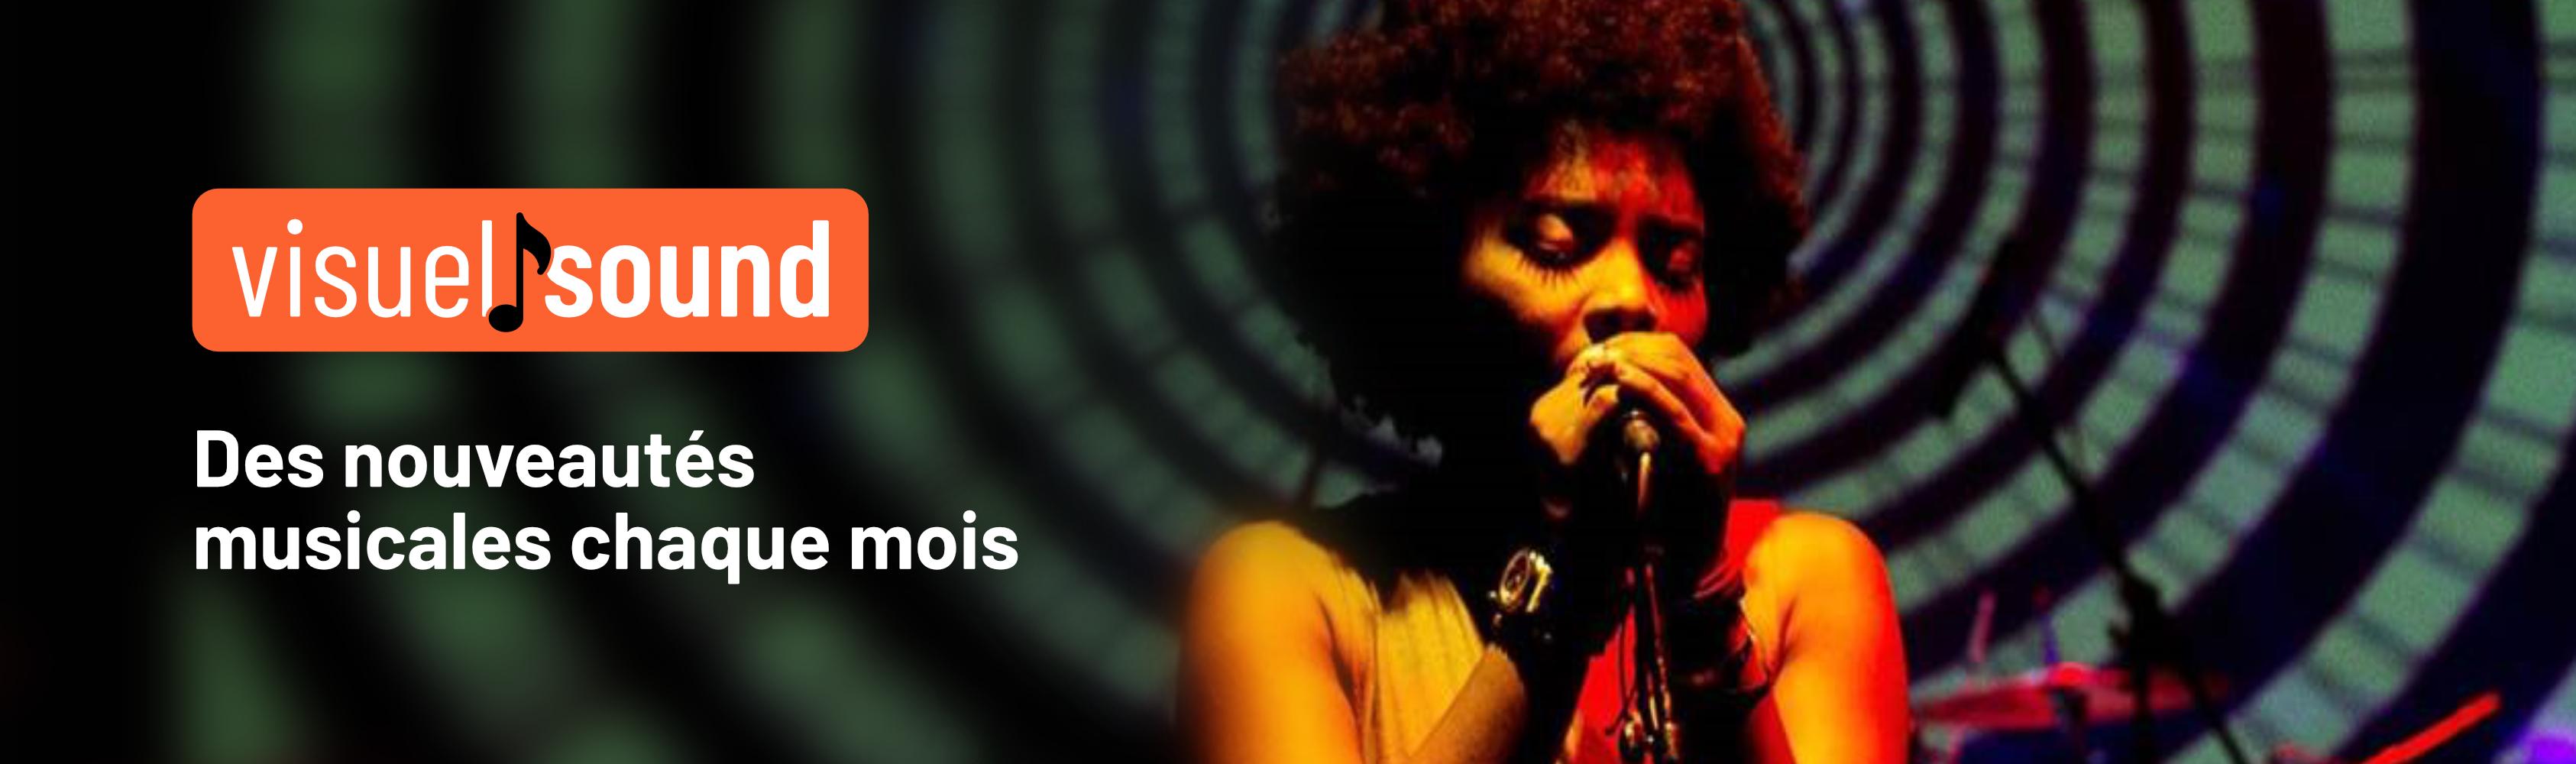 Second slide, Une chanteuse jazz chante une musique libre de droit et le message, des nouveautés musicales chaques mois